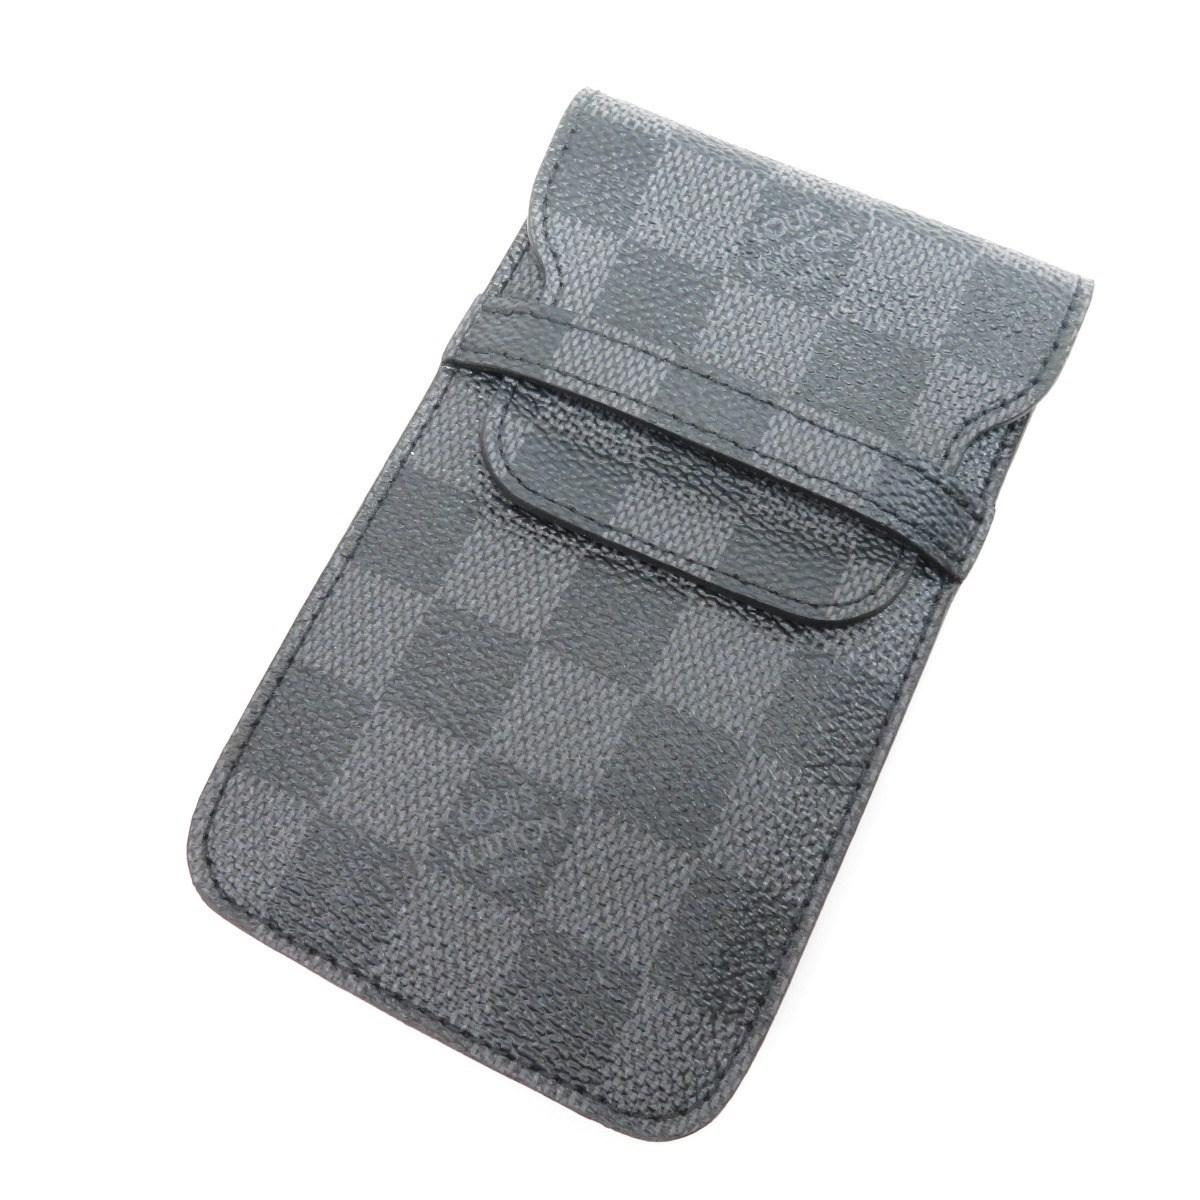 cheap for discount ed0d0 205c5 Louis Vuitton Damier Canvas Smartphone Case M63109 Iphone Case ...